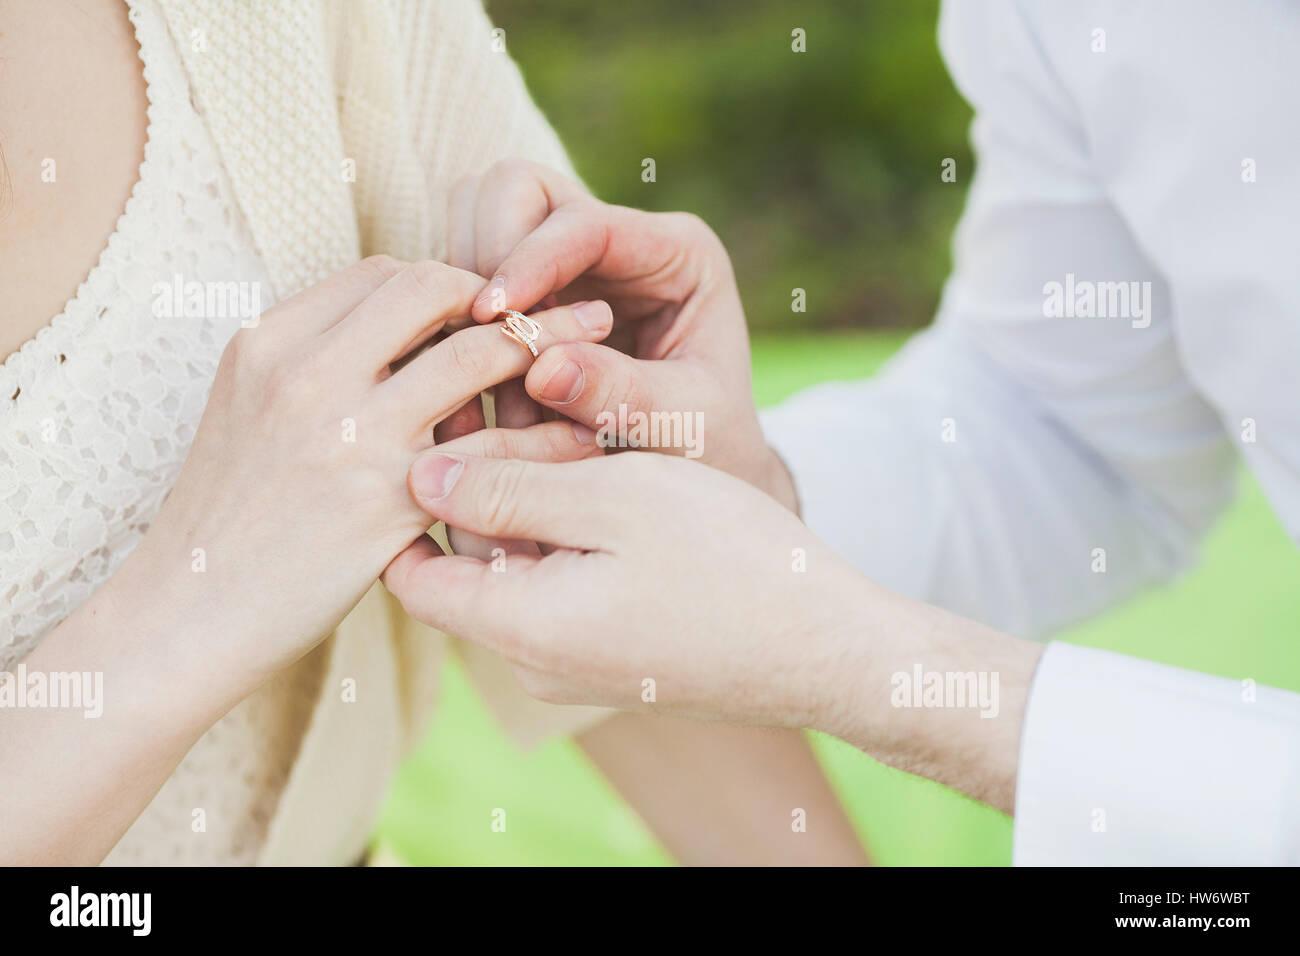 L'offerta di sposare. le mani dell'uomo medicazione un anello sul belo Immagini Stock